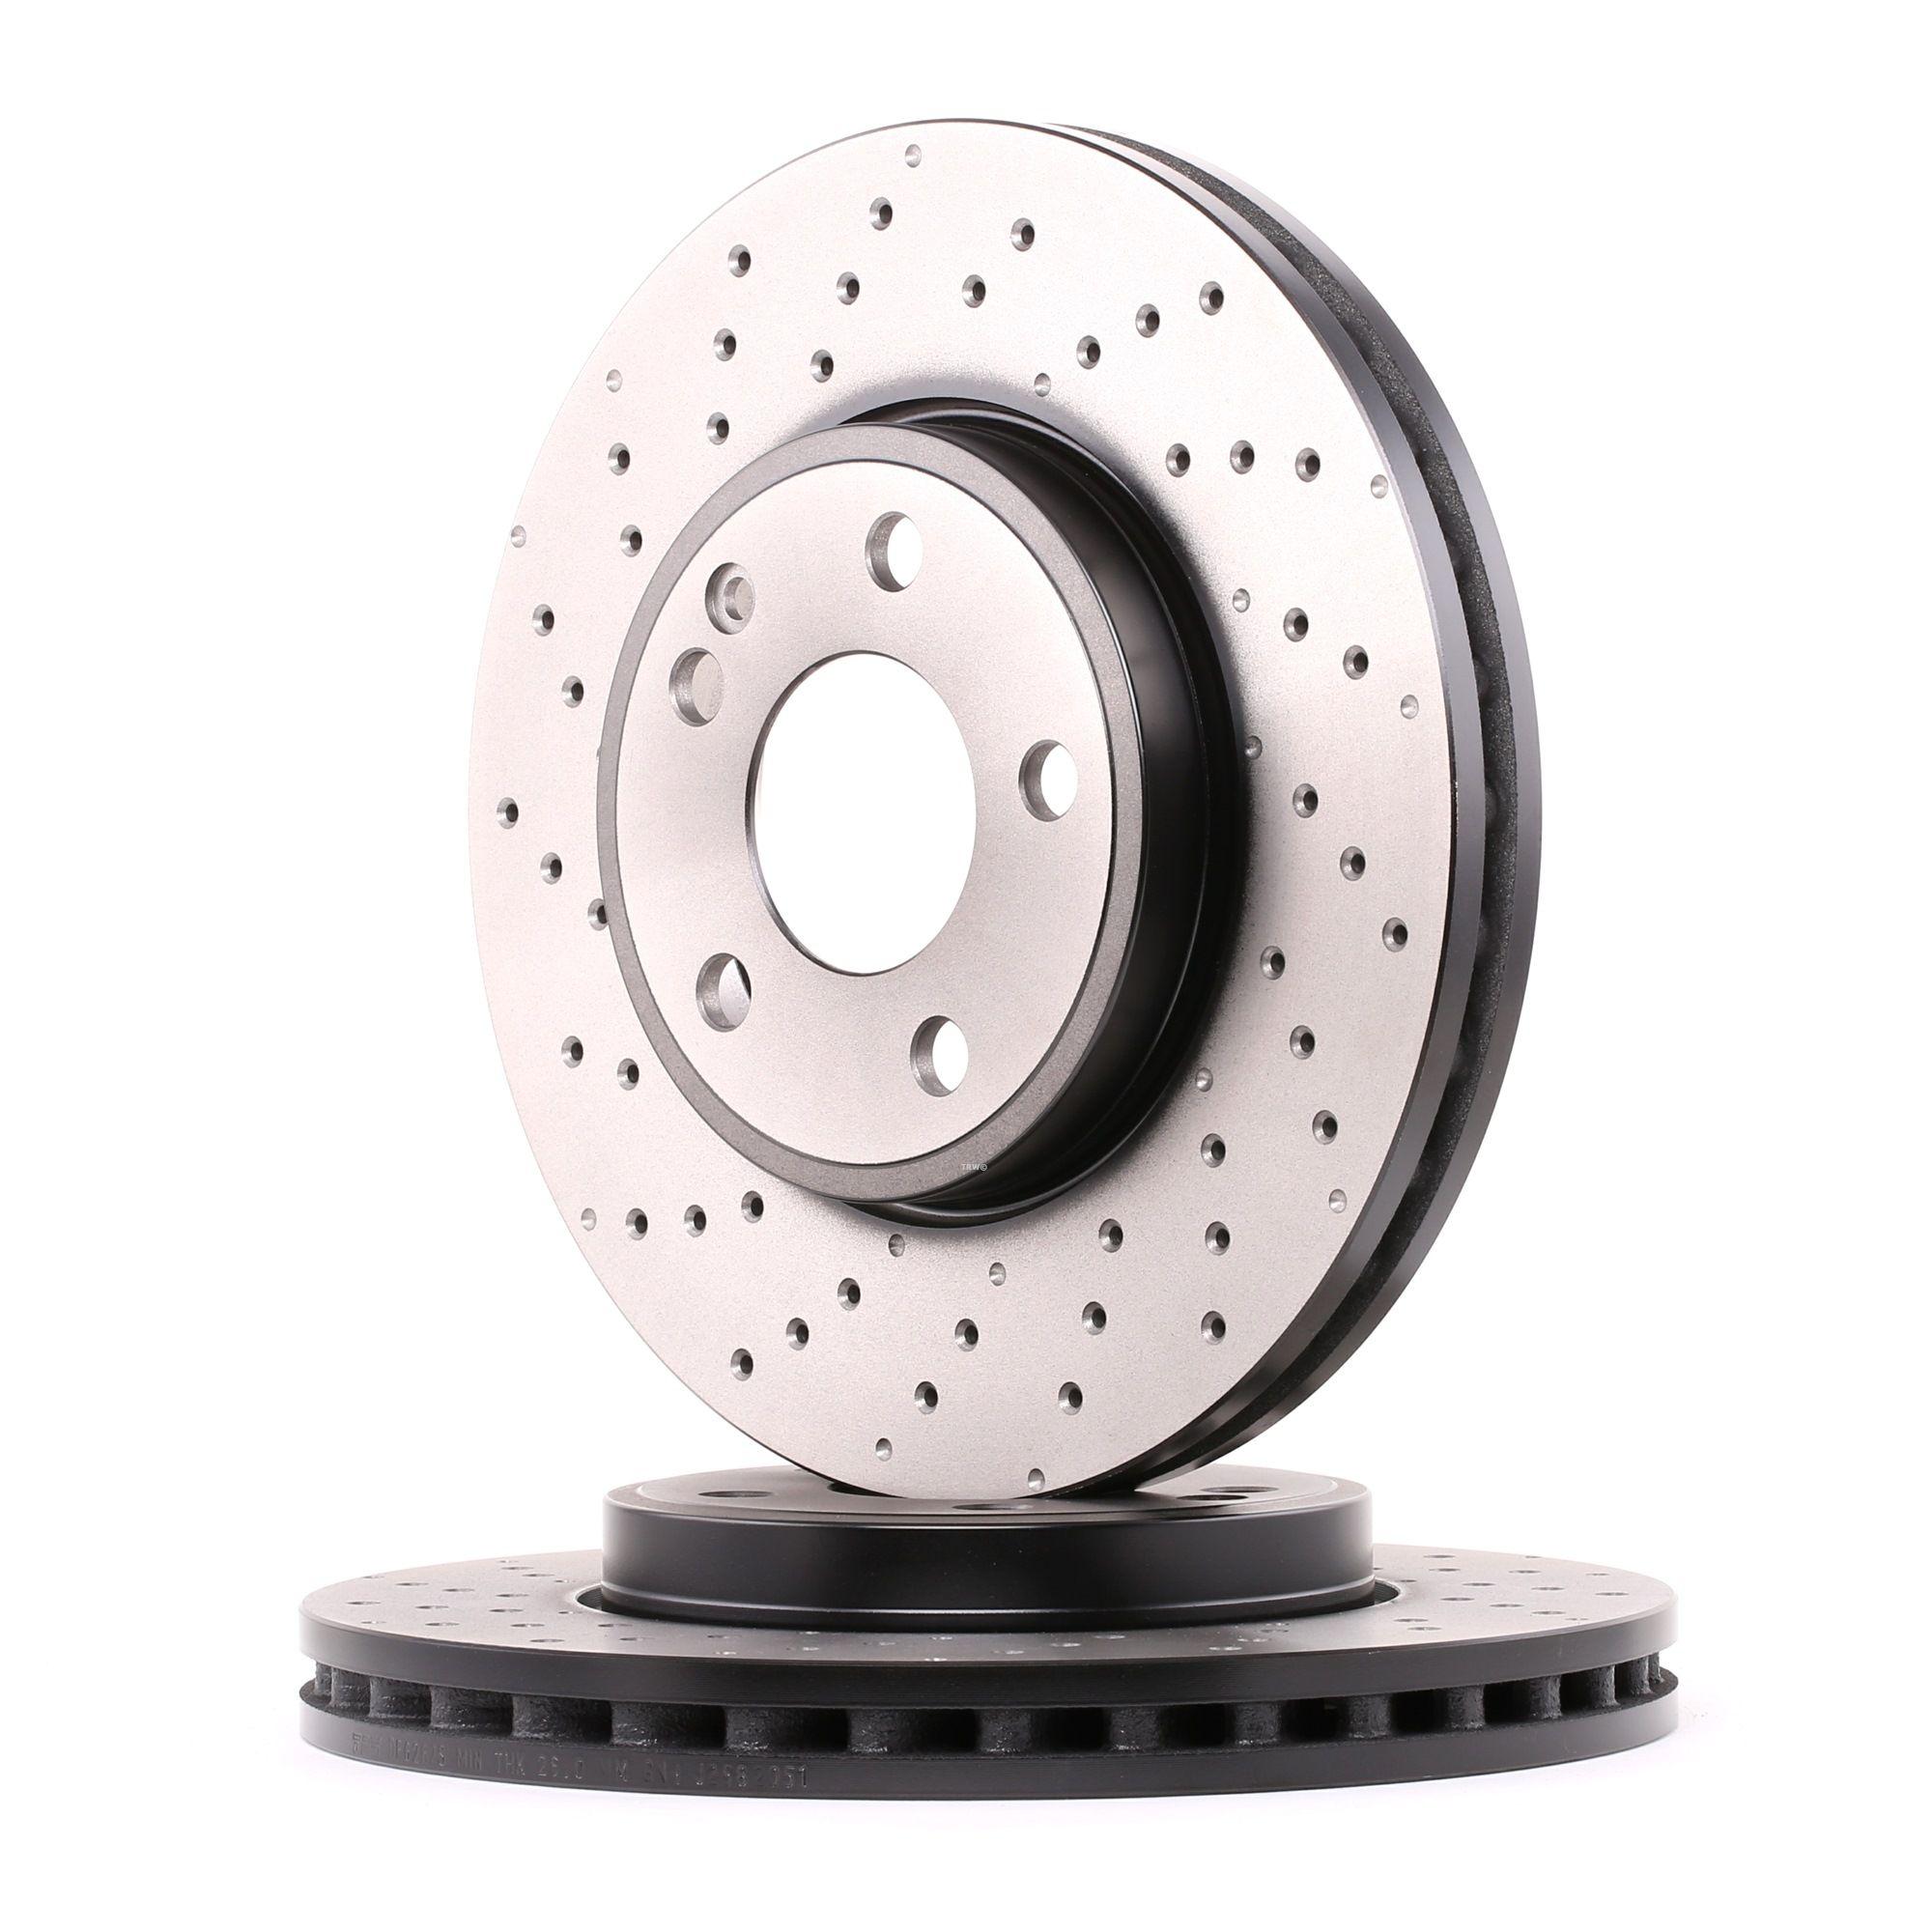 Origine Disque de frein TRW DF6262S (Ø: 295mm, Nbre de trous: 5, Épaisseur du disque de frein: 28mm)